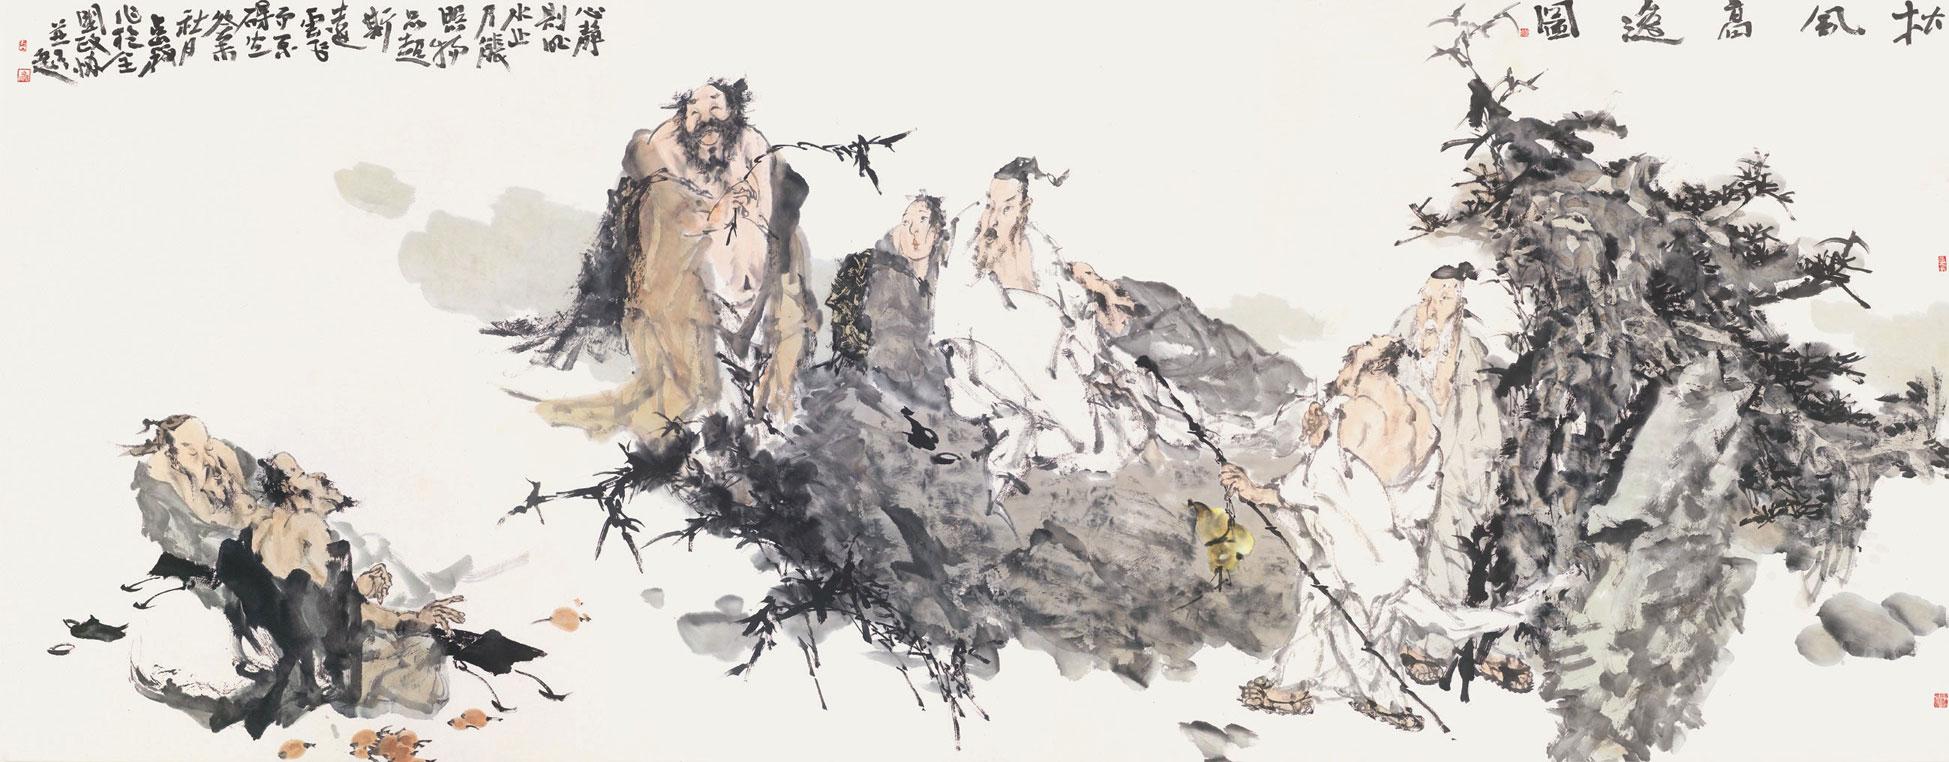 松风高逸图 梁占岩 /  Pine Tree Wavering in the Wind Liang Zhanyan / 144cm×366cm